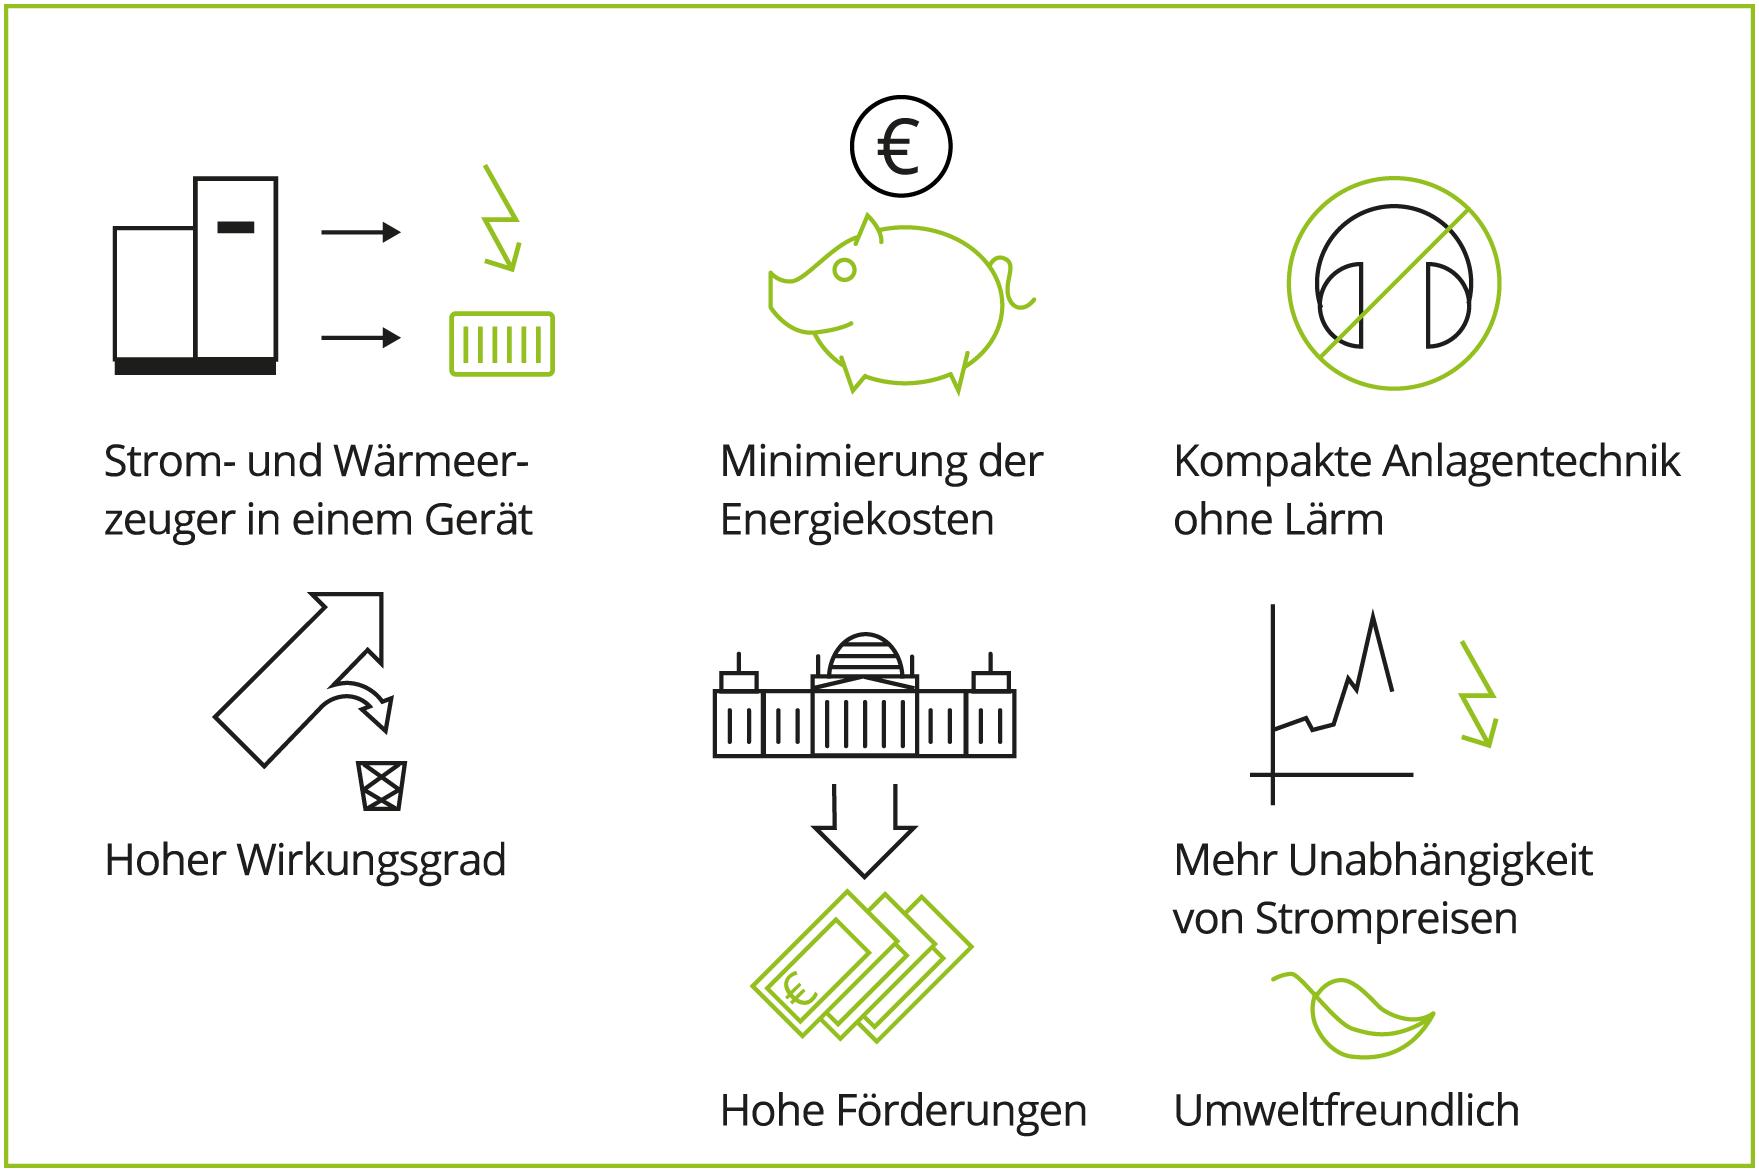 Ein Erklärbild wie Strom und Wärme umweltfreundlich erzeugt werden kann und so Energiekosten minimiert werden.